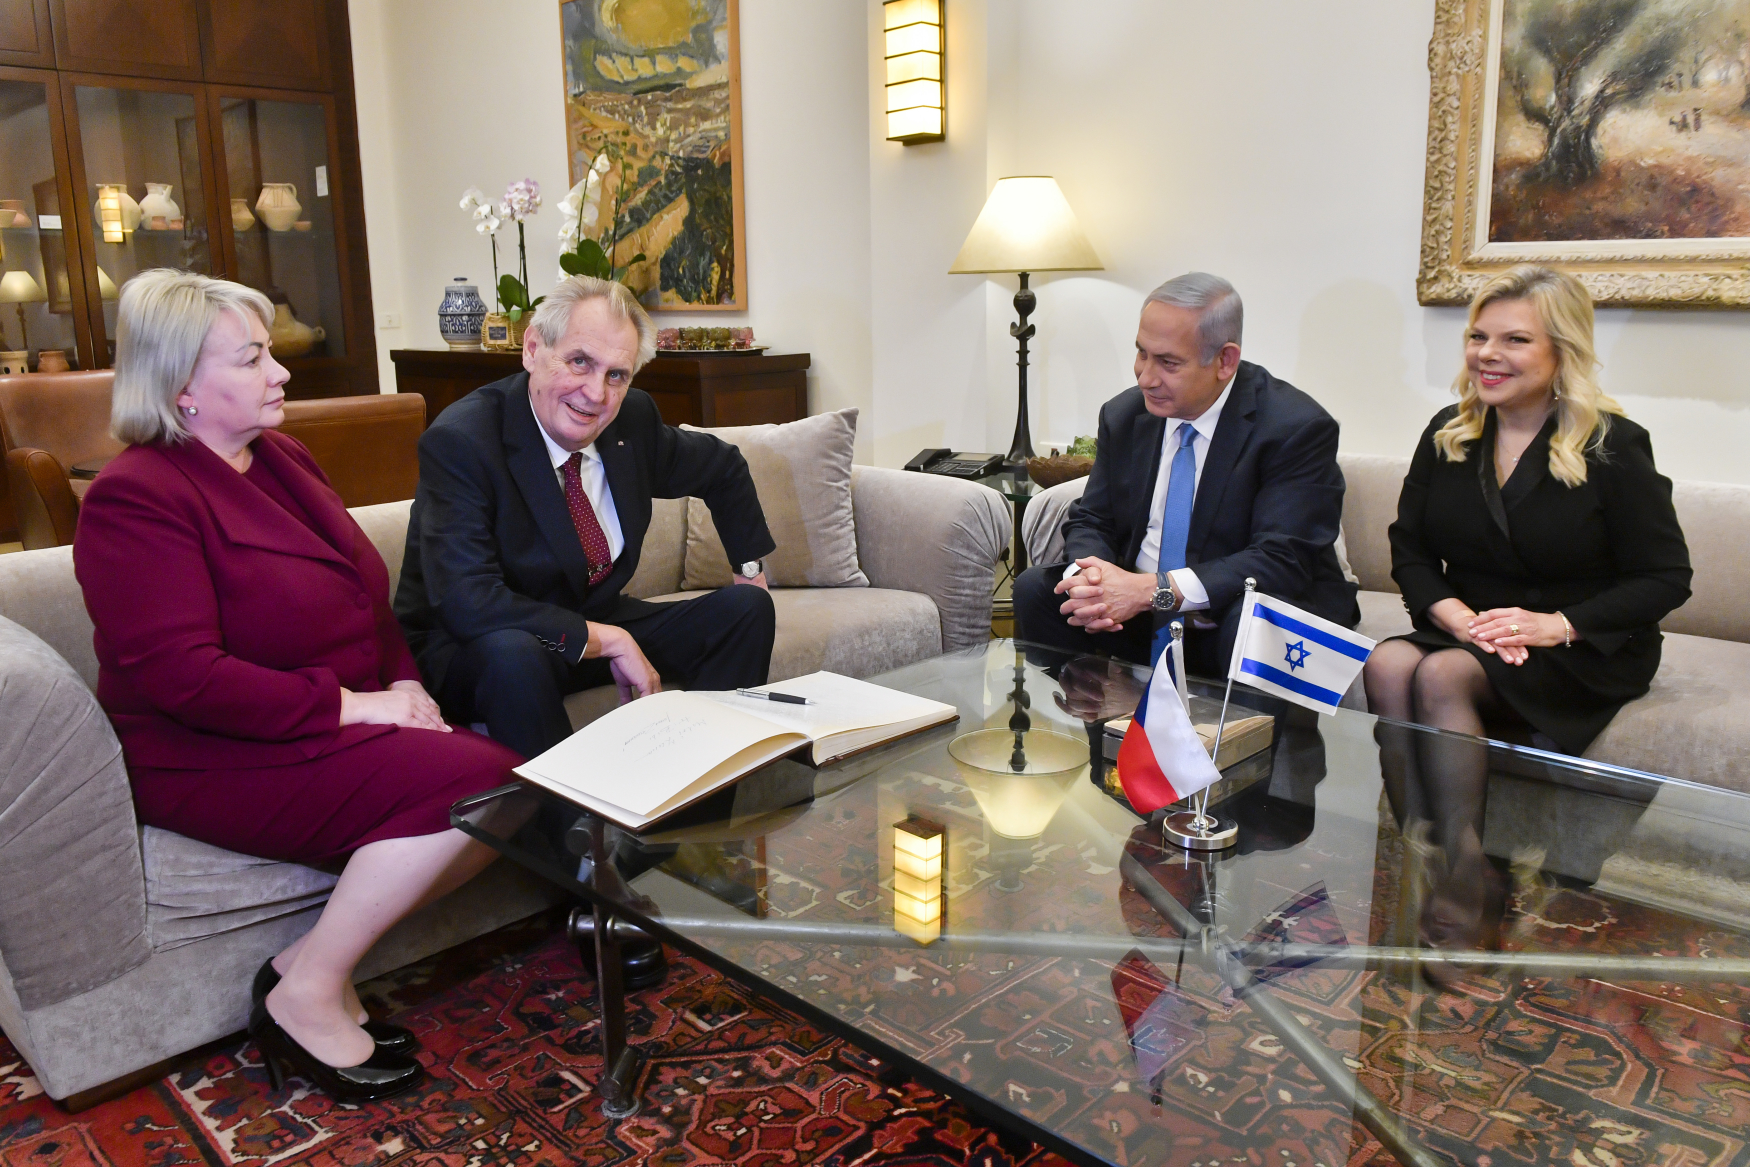 Prezident Miloš Zeman s manželkou Ivanou se v Jeruzalémě setkali s izraelským premiérem Benjaminem Netanjahuem a jeho chotí Sárou